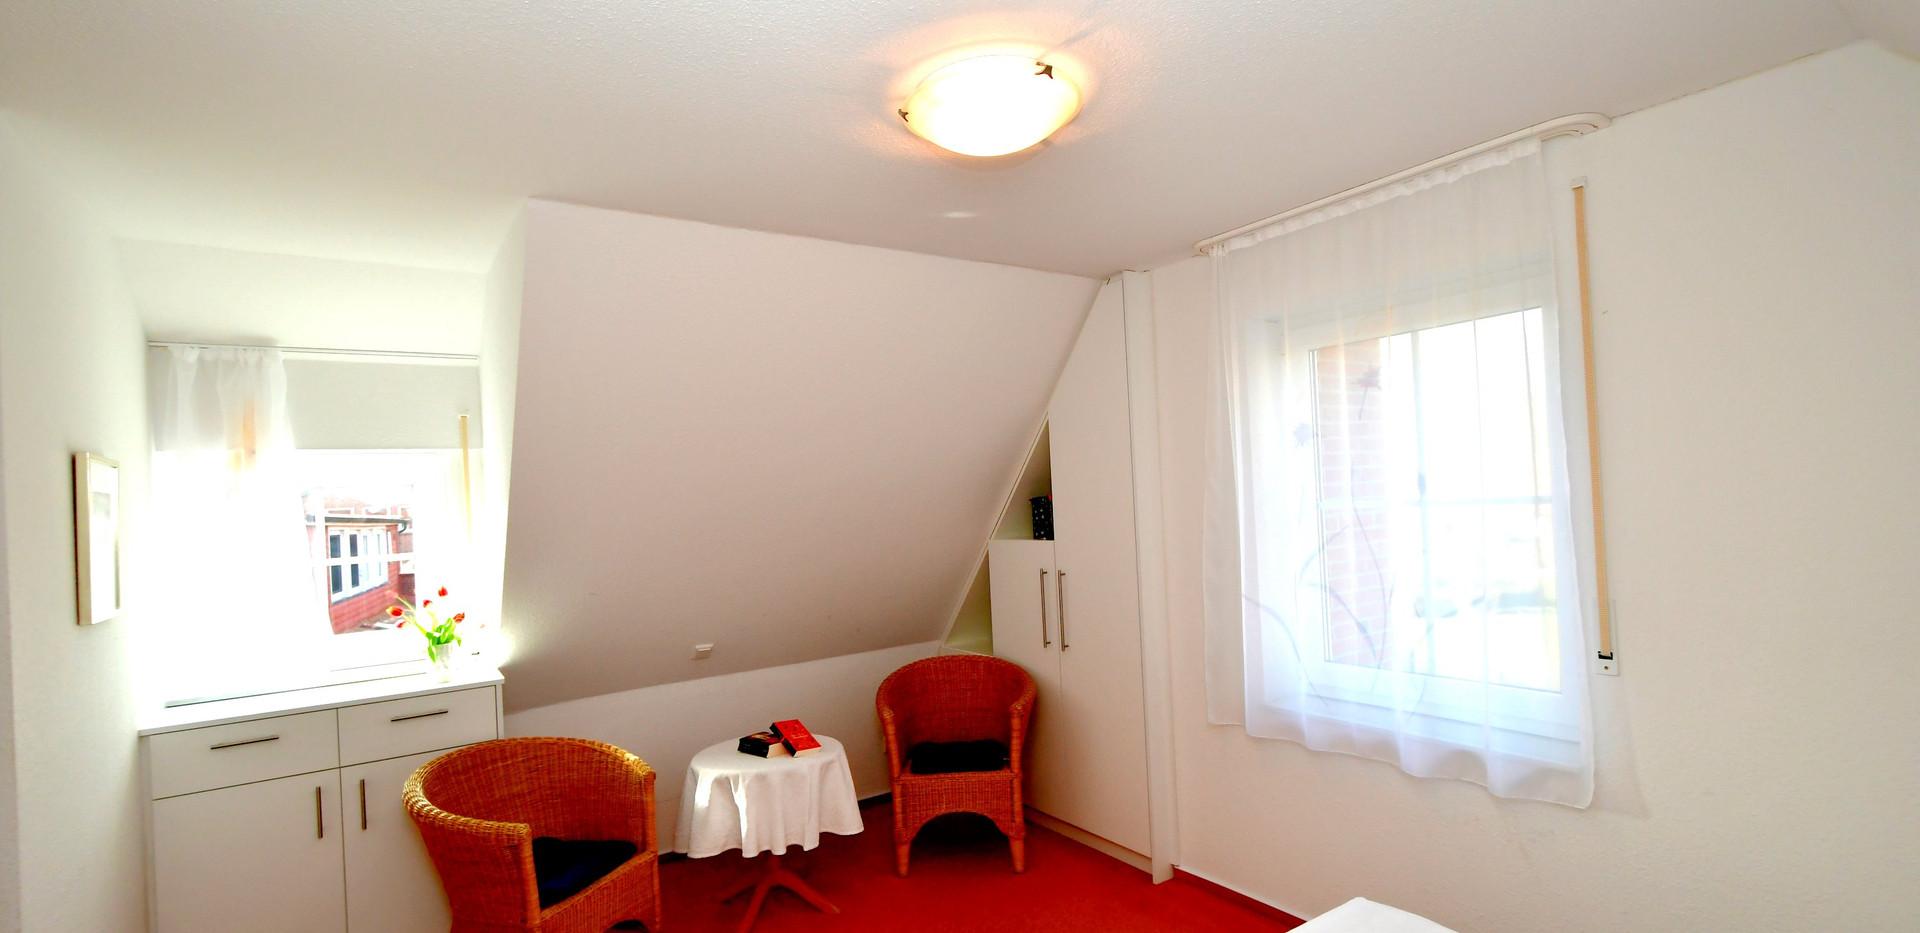 Schlafzimmer Sitzecke